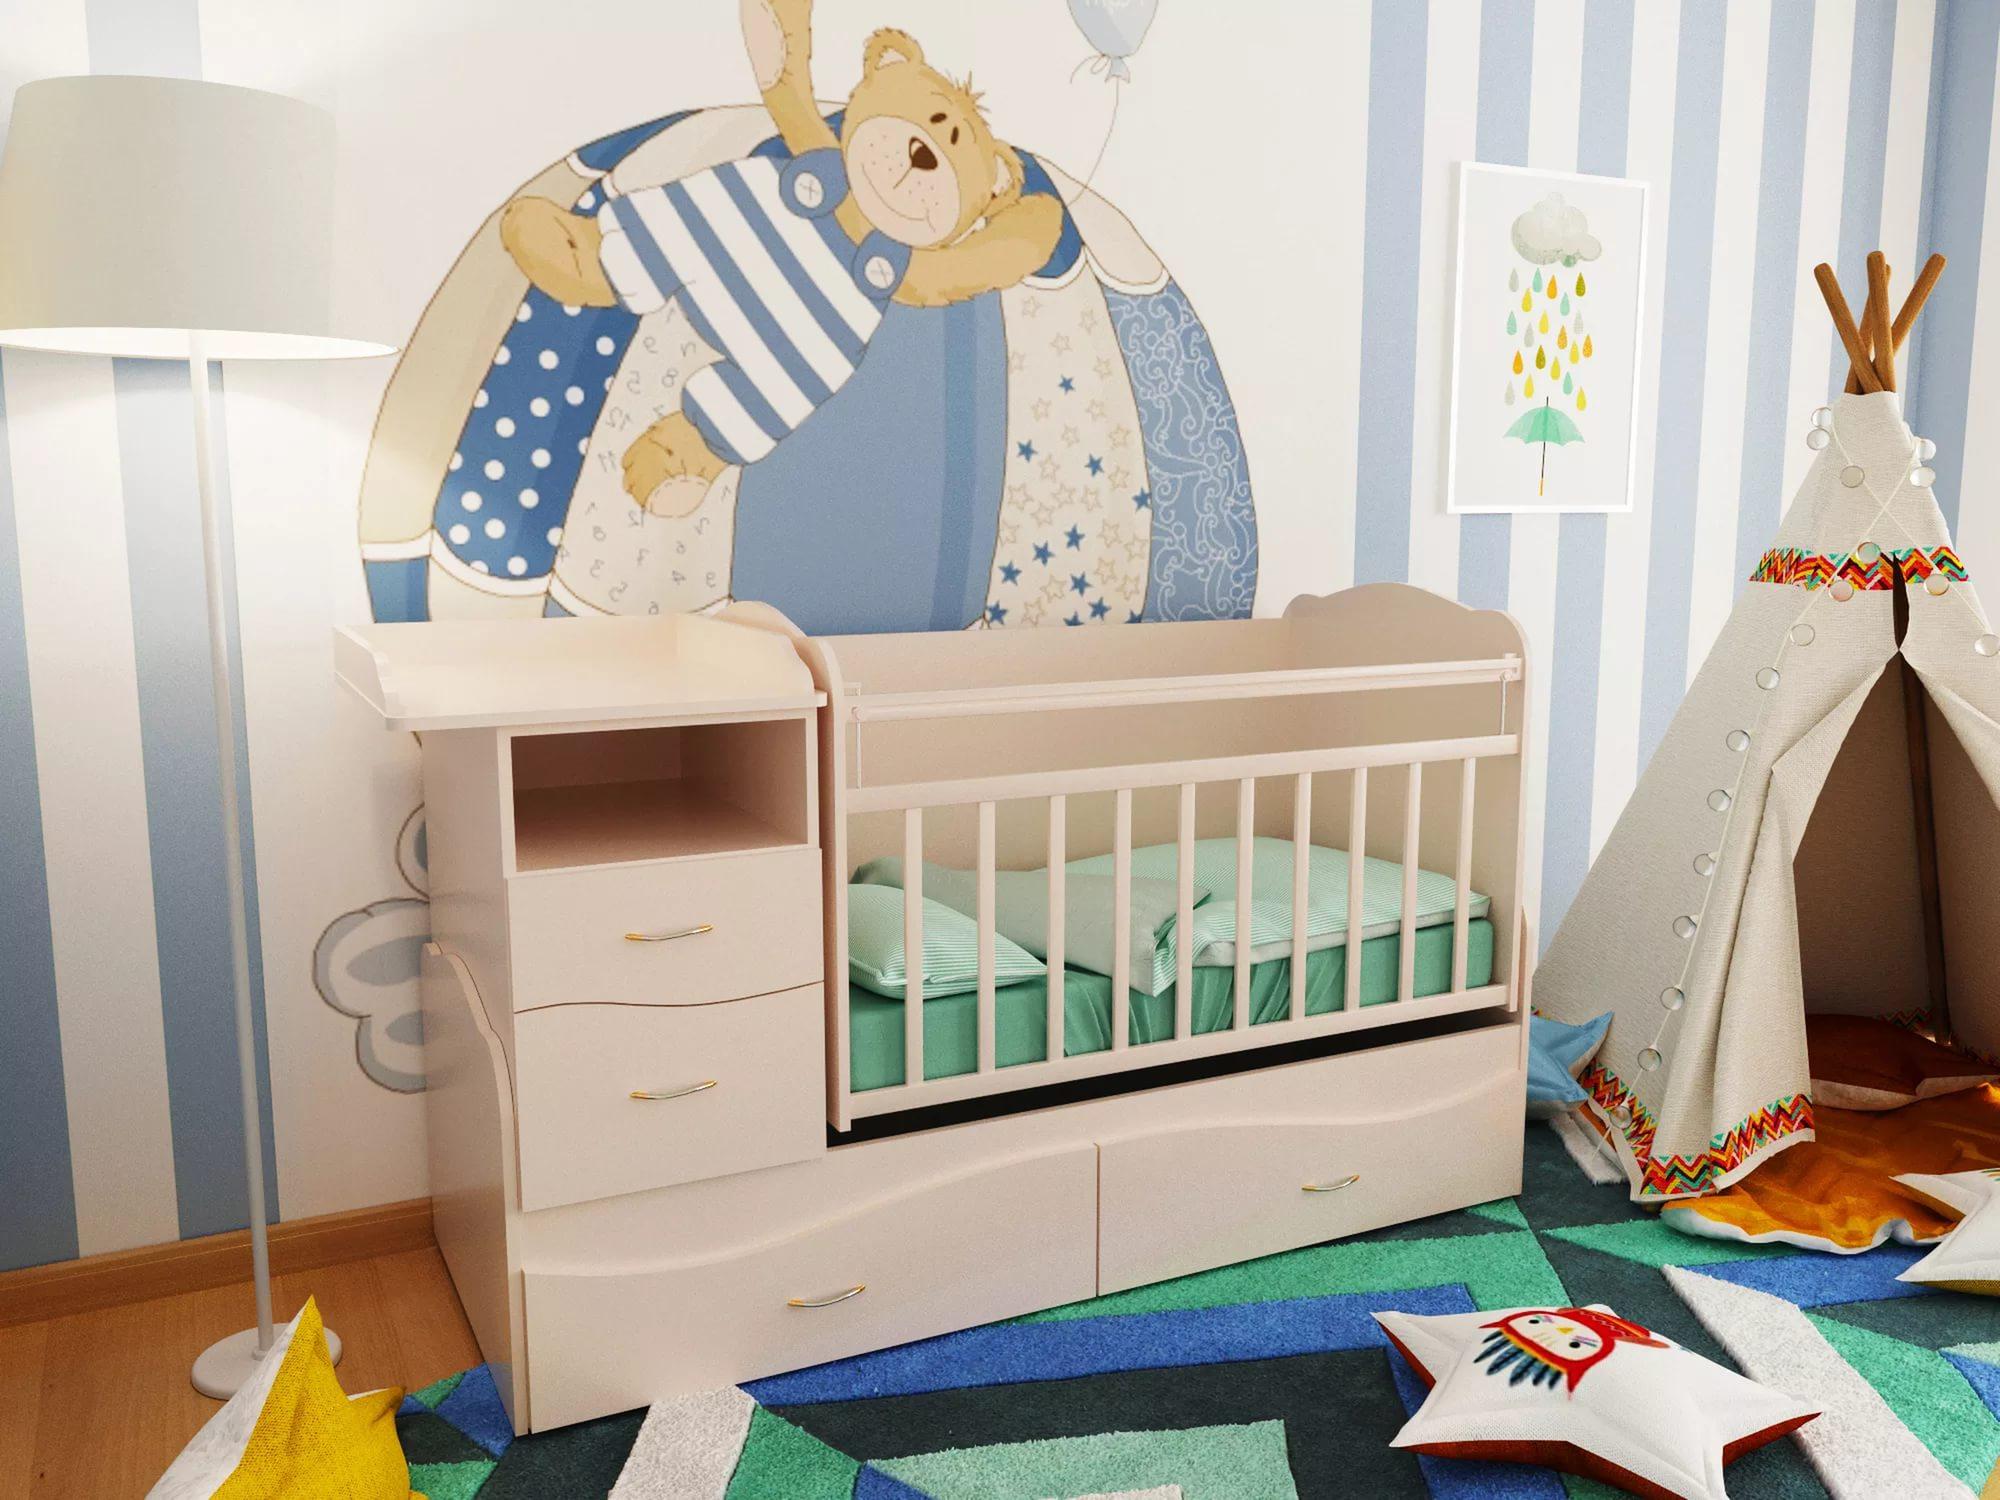 Функциональная кровать для новорожденного